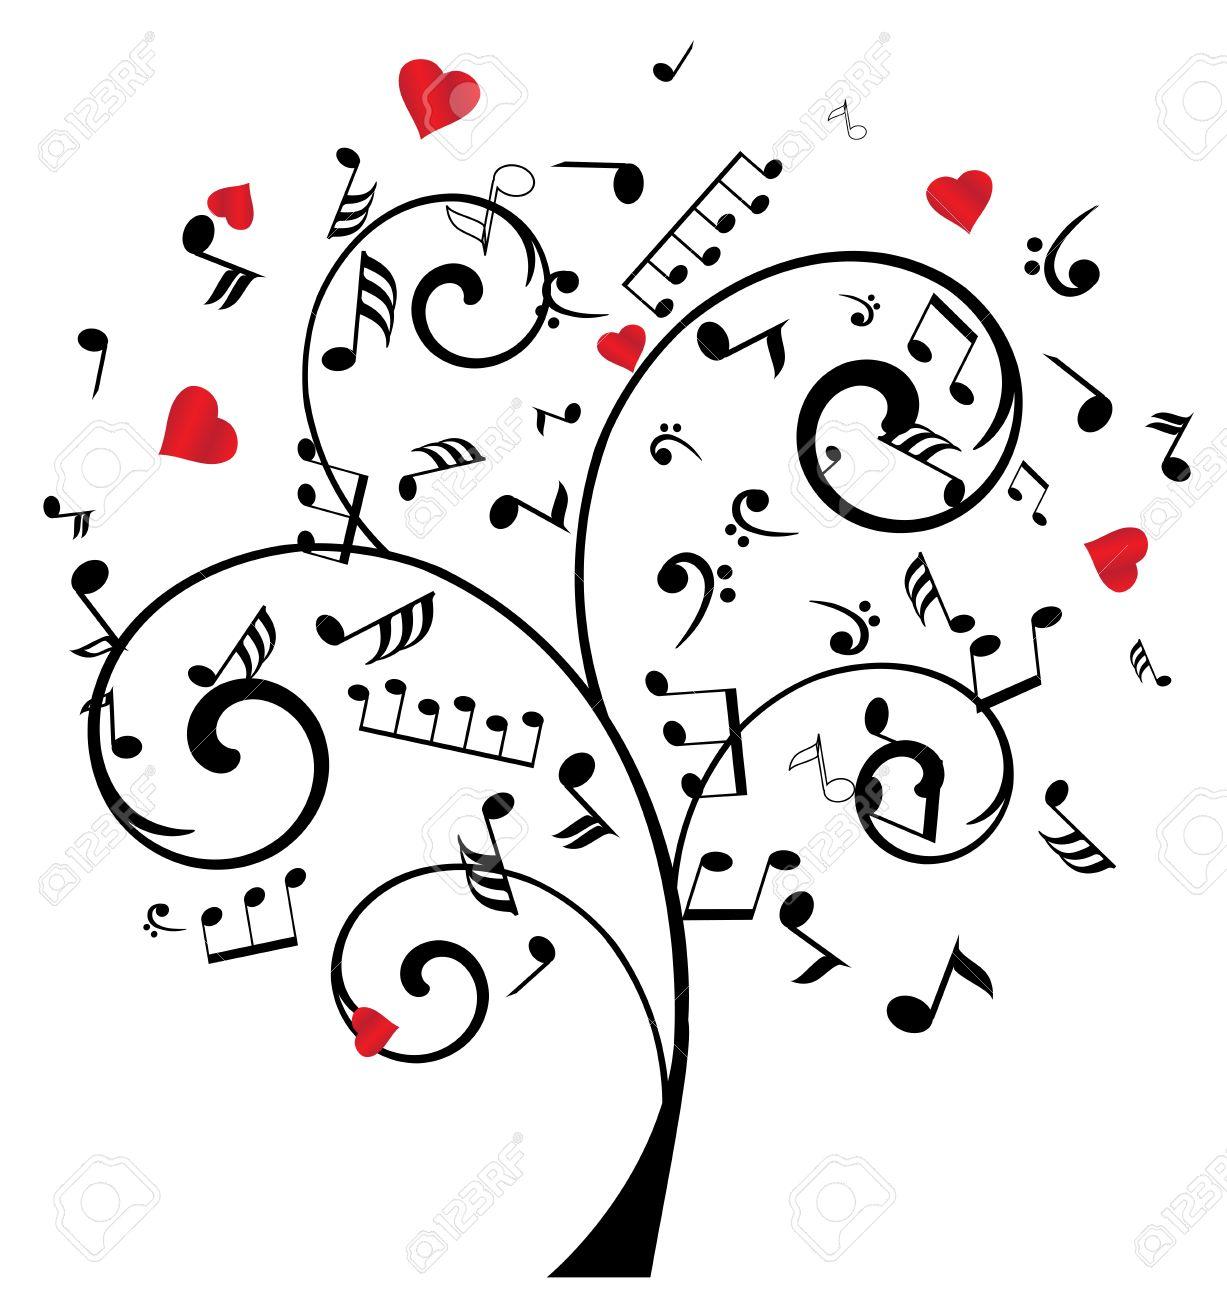 Ilustración De Un árbol Con Las Notas Musicales Y Los Corazones